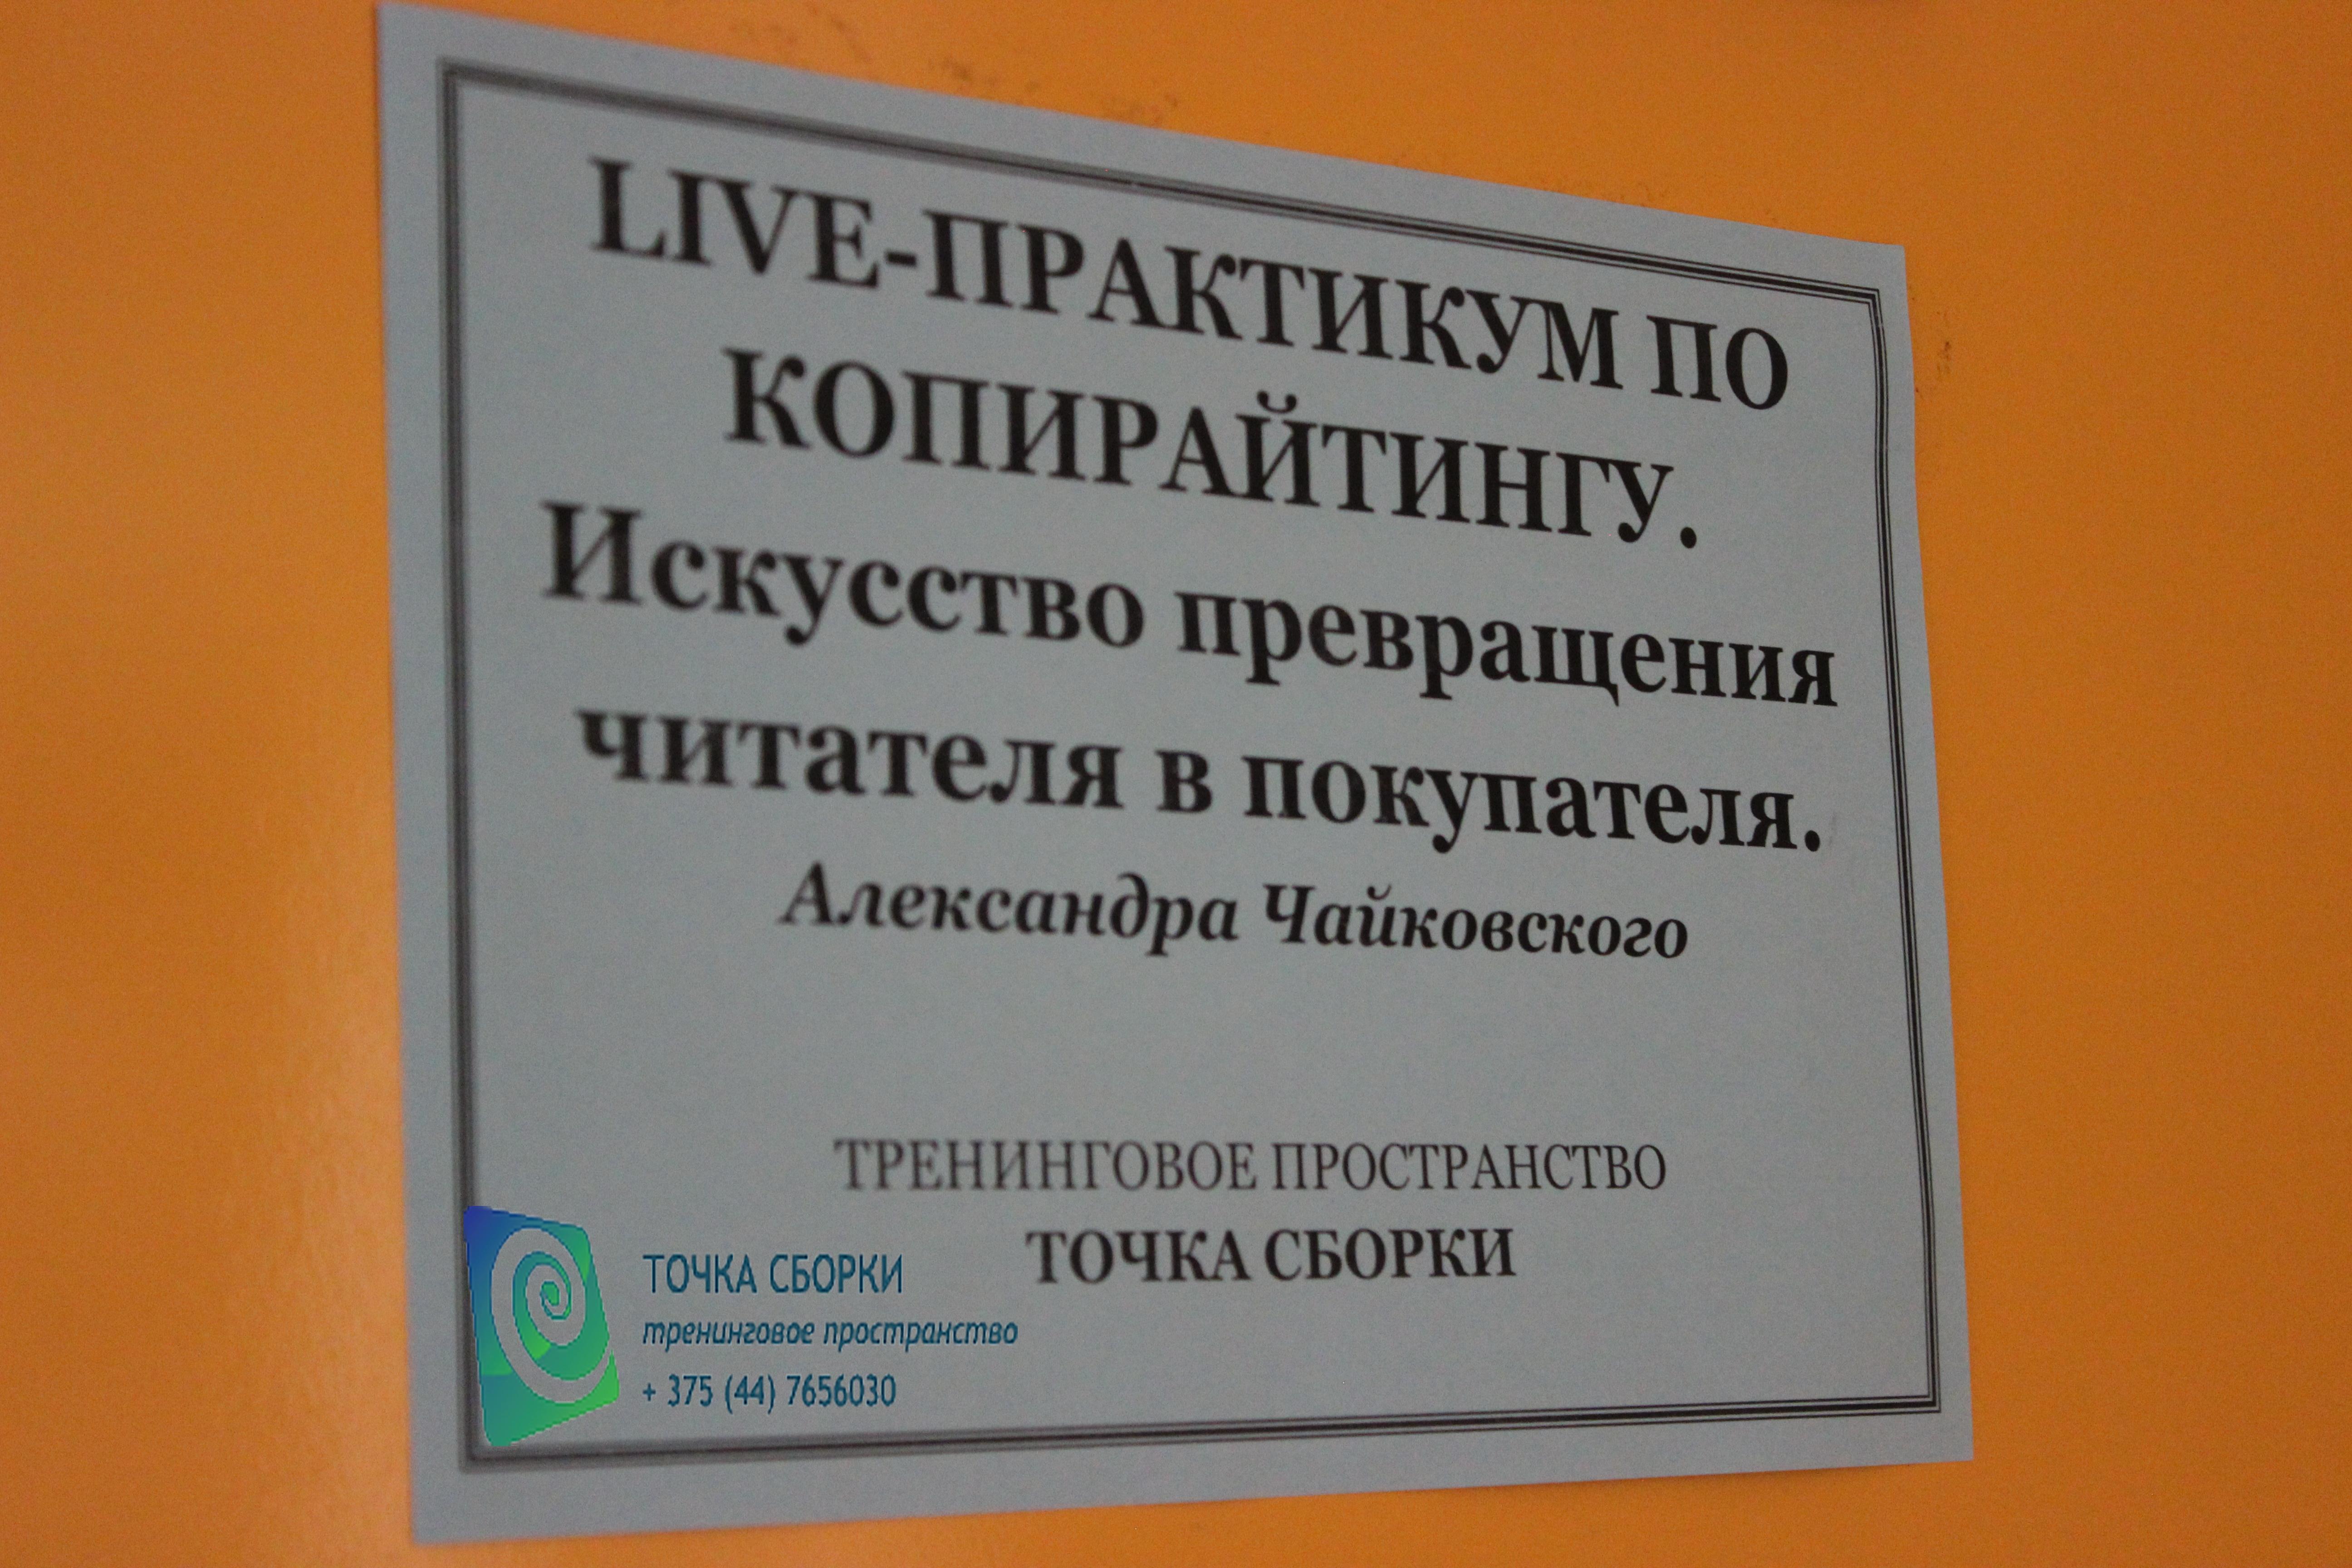 17-18 мая прошел первый в Минске LIVE-практикум по Копирайтингу